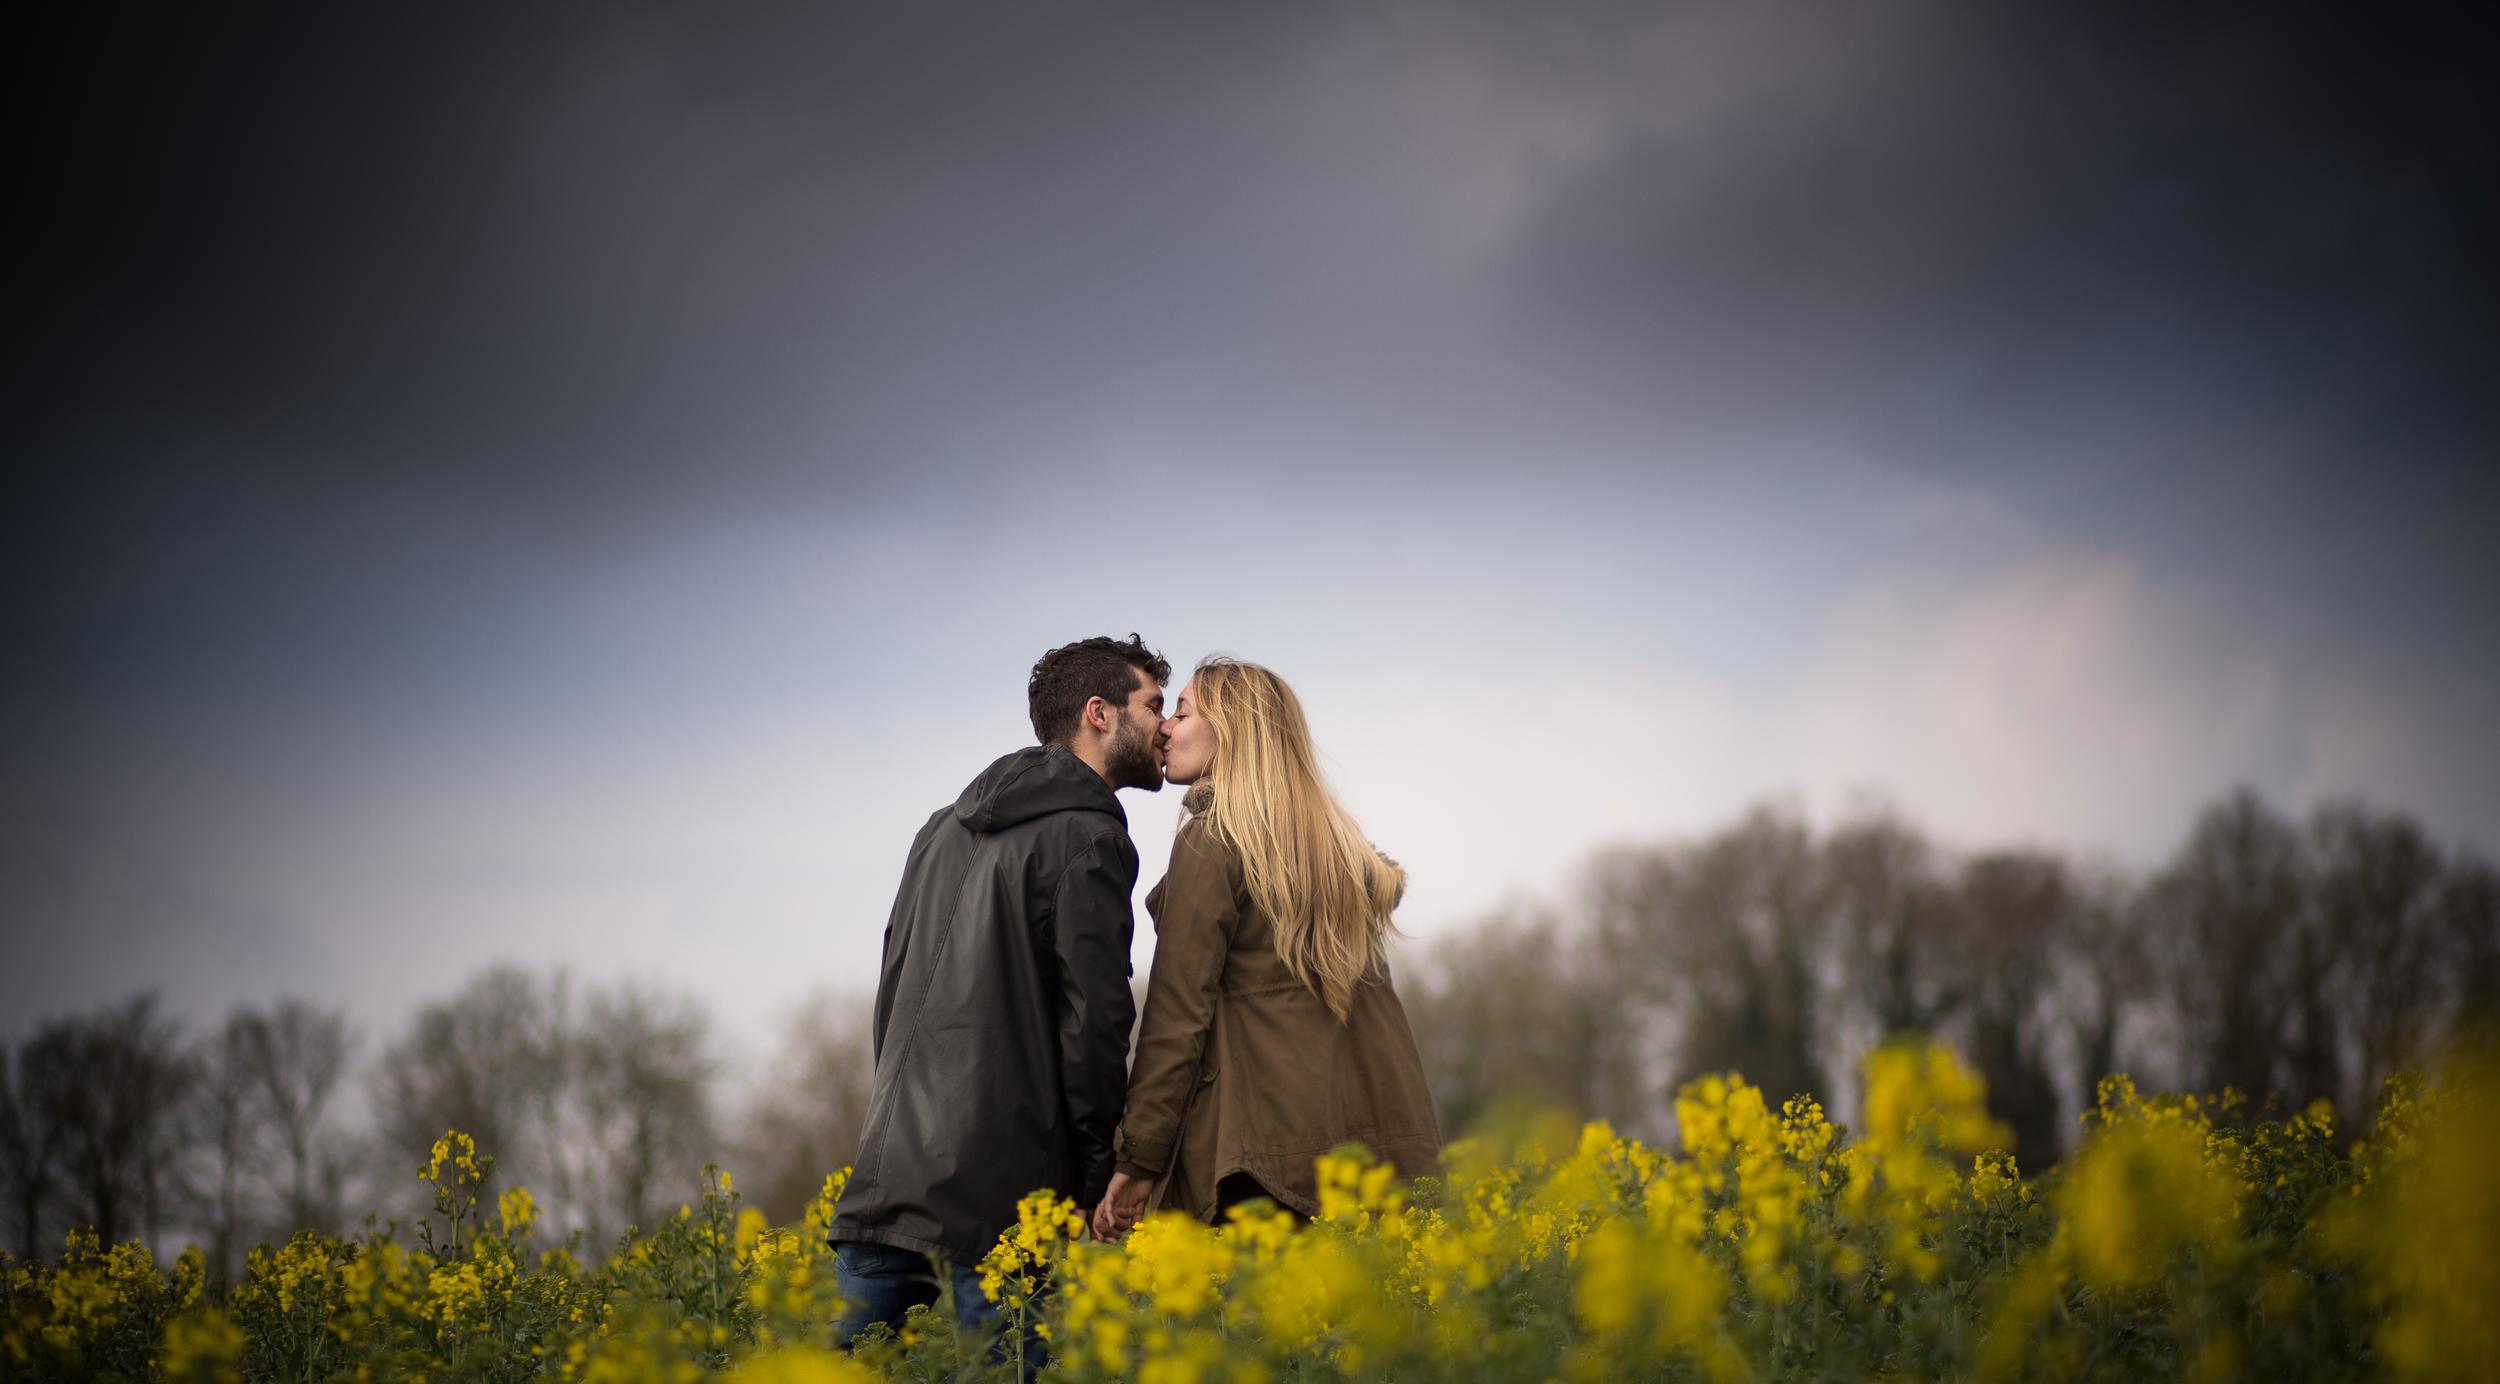 Pavenham-Bedfordshire-Engagement-Wedding-Photography-2